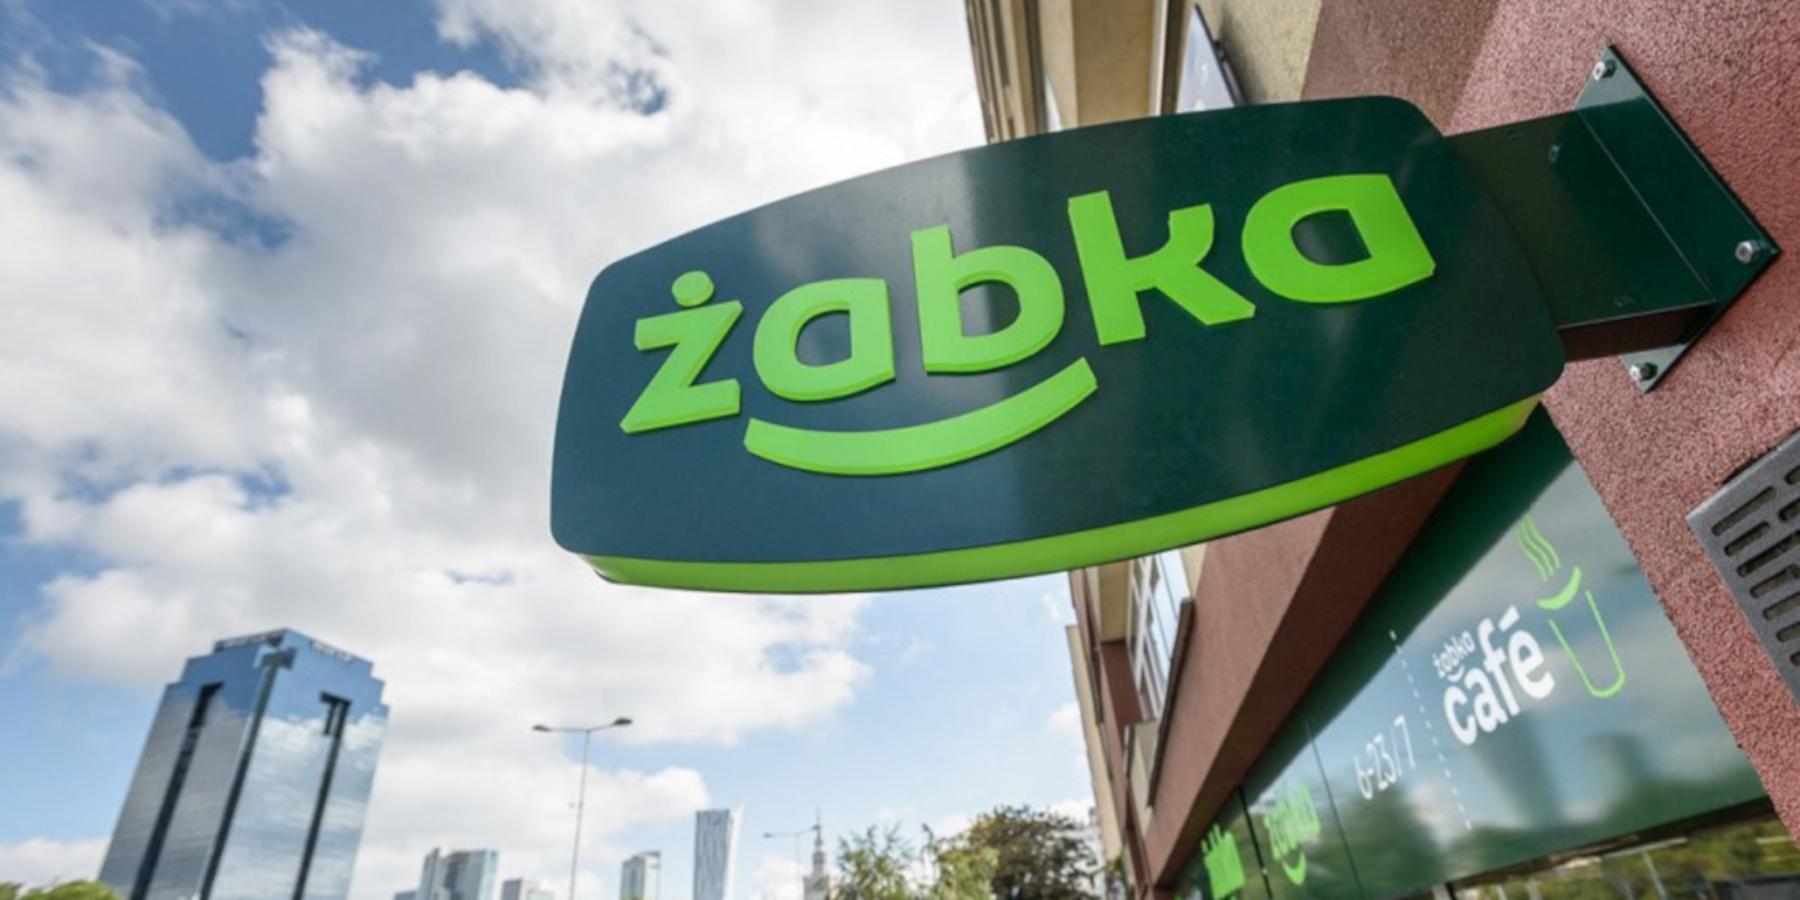 Rynek cateringu dietetycznego jest wyceniany namiliard złotych. Żabka przejmuje Dietly.pl